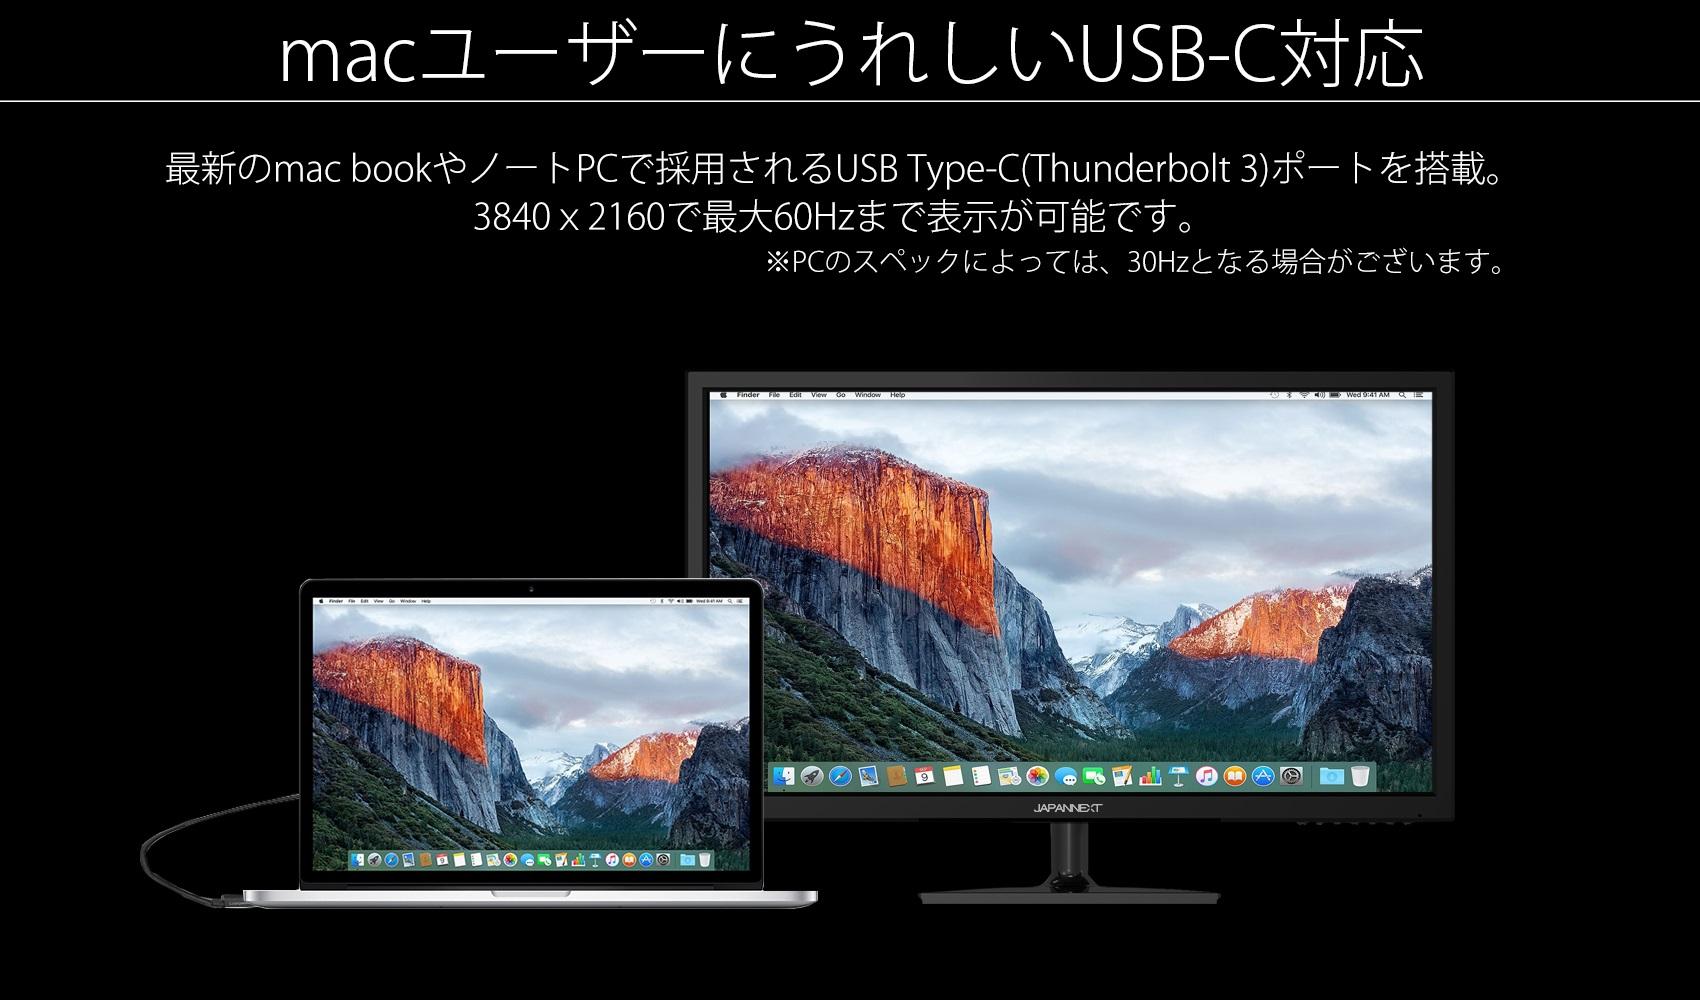 macユーザーにうれしいUSB-C対応 最新のmac bookやノートPCで採用されるUSB Type-C(Thunderbolt 3)ポートを搭載。 3840 x2160で最大60Hzまで表示が可能です。 ※PCのスペックによっては、30Hzとなる場合がございます。